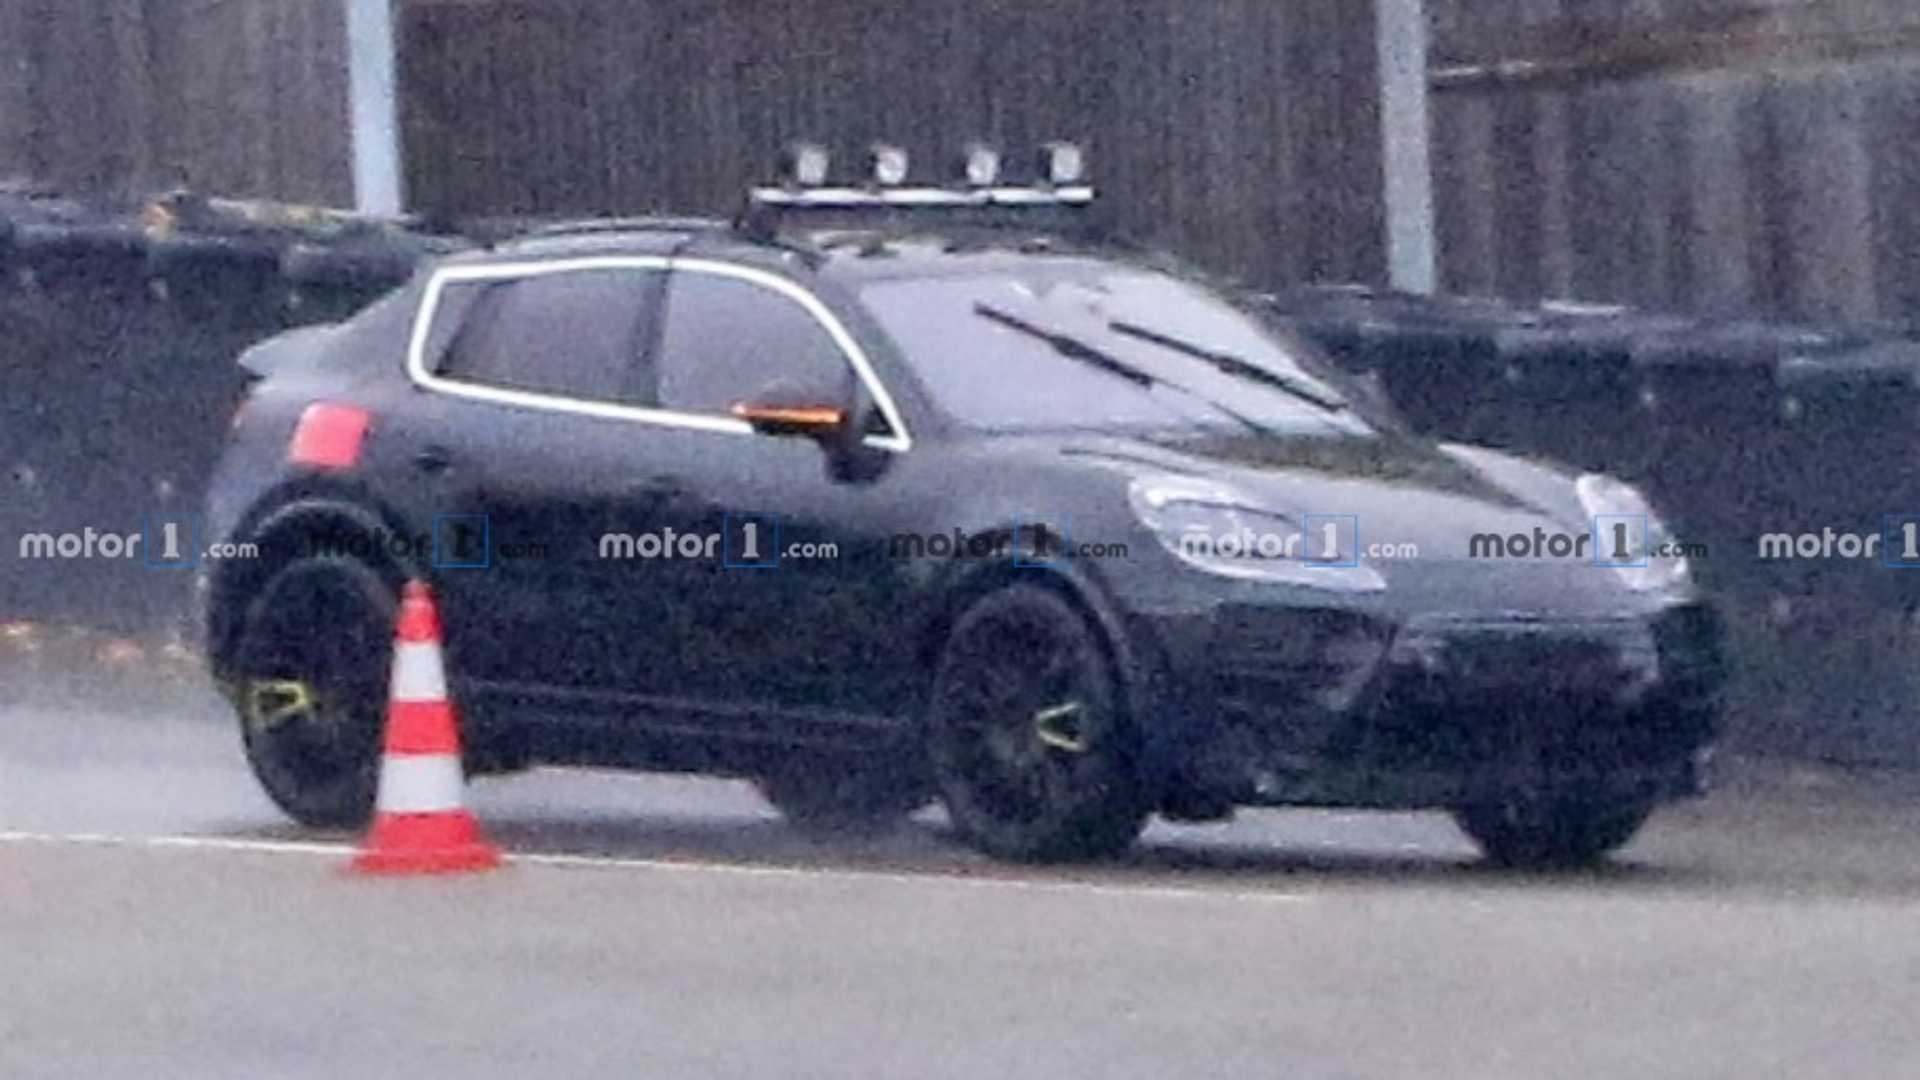 Компания Porsche вывела на испытания электрокроссовер Macan: новинку поймали фотошпионы.